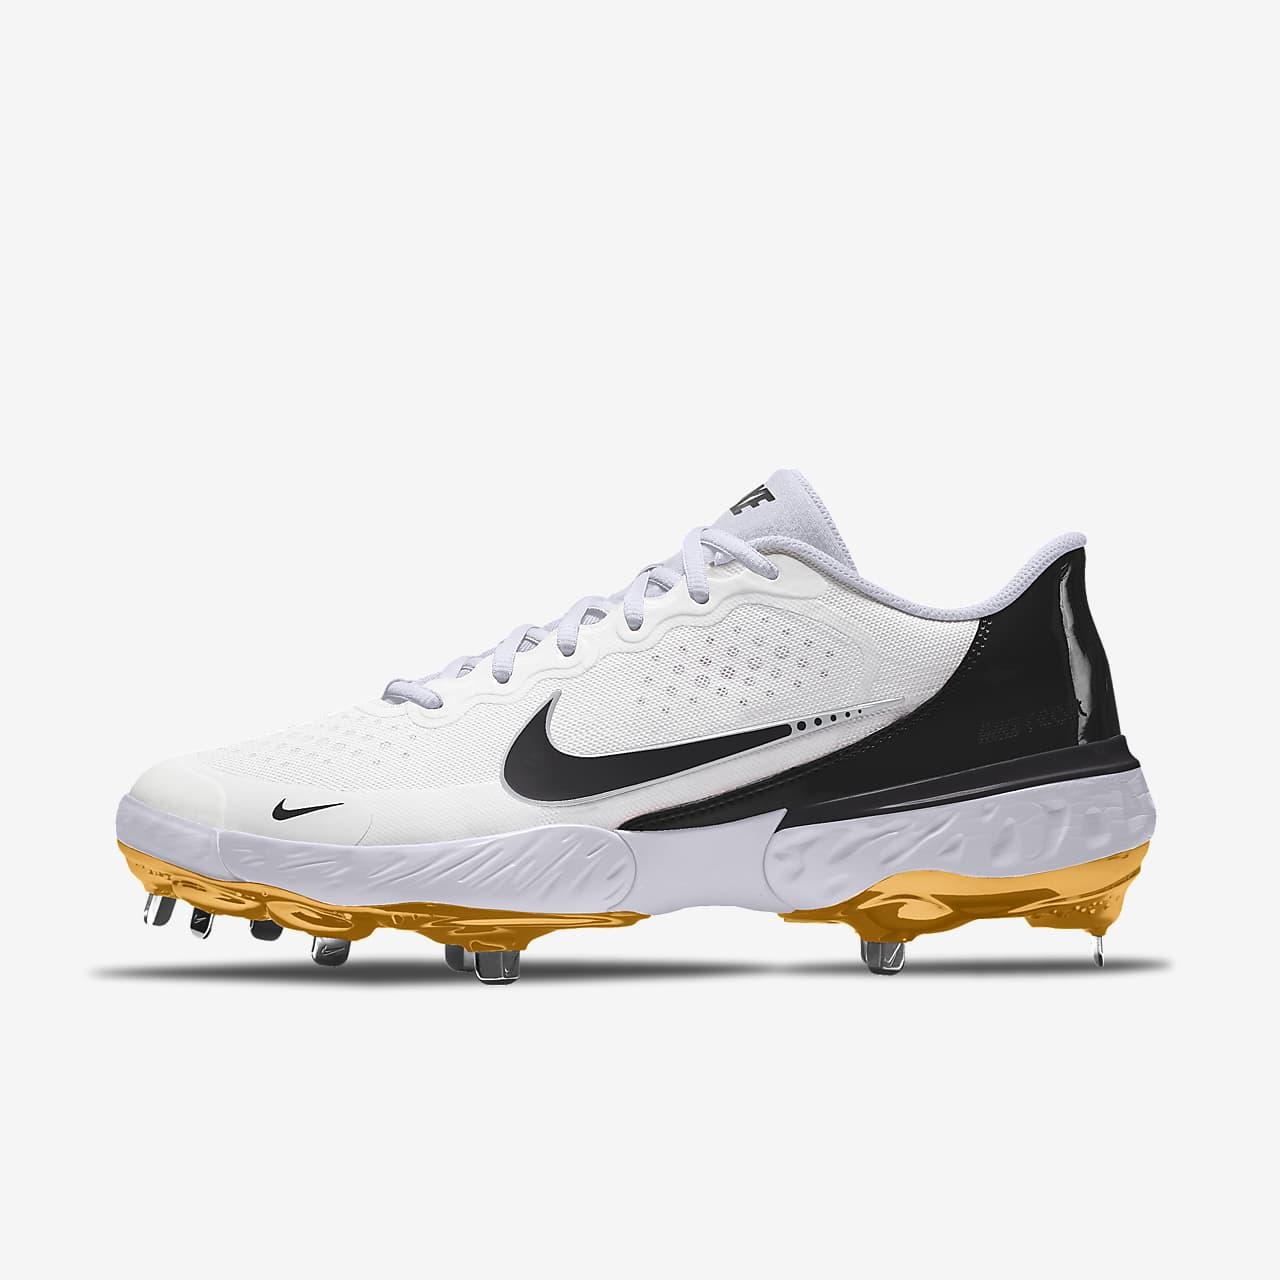 Nike Alpha Huarache Elite 3 Low By You Custom Baseball Cleat